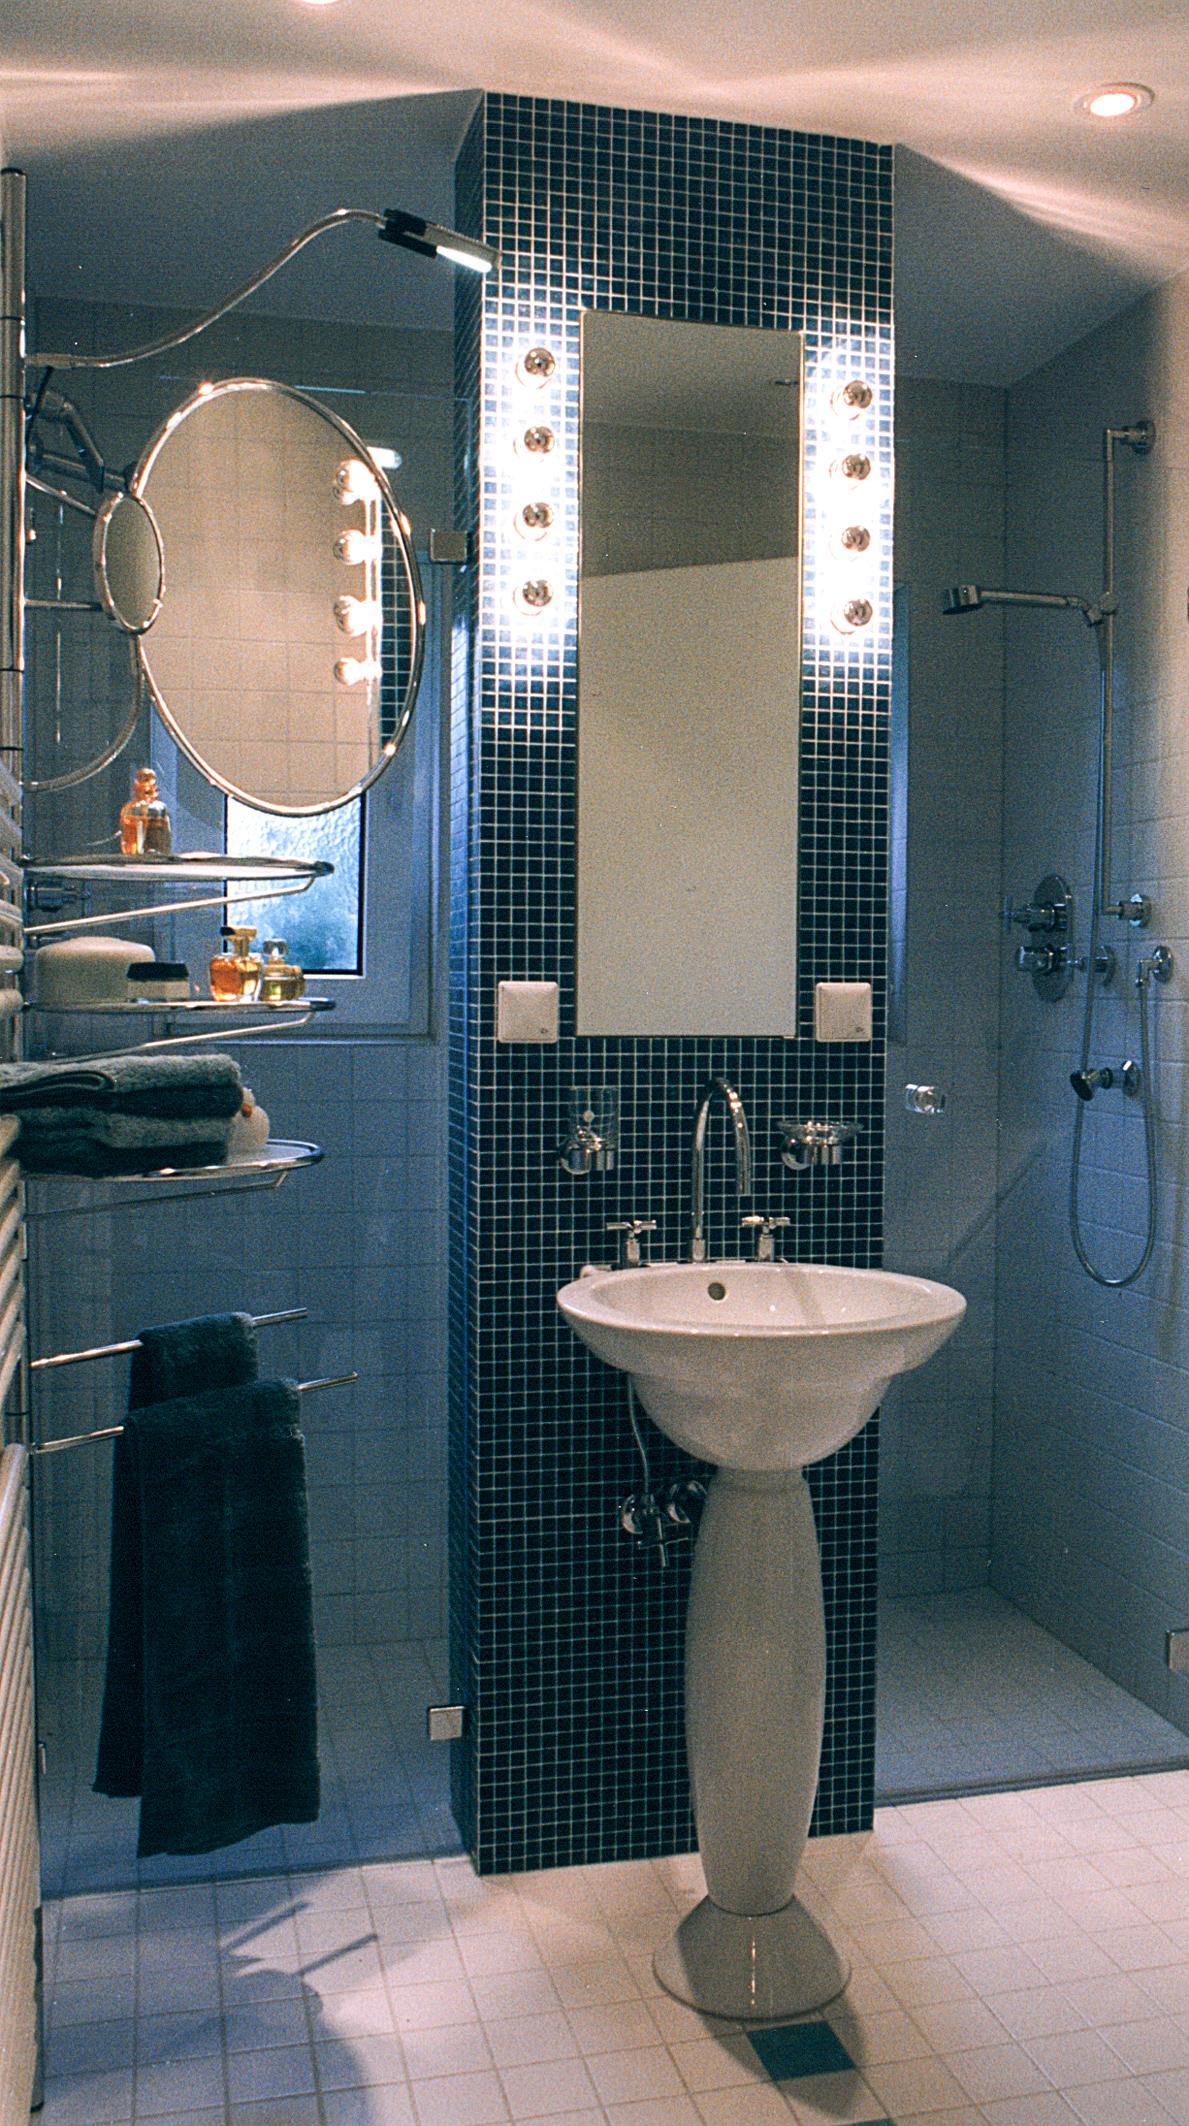 Duschen zu Zweit #bad #badezimmer #retro ©Werner Die...